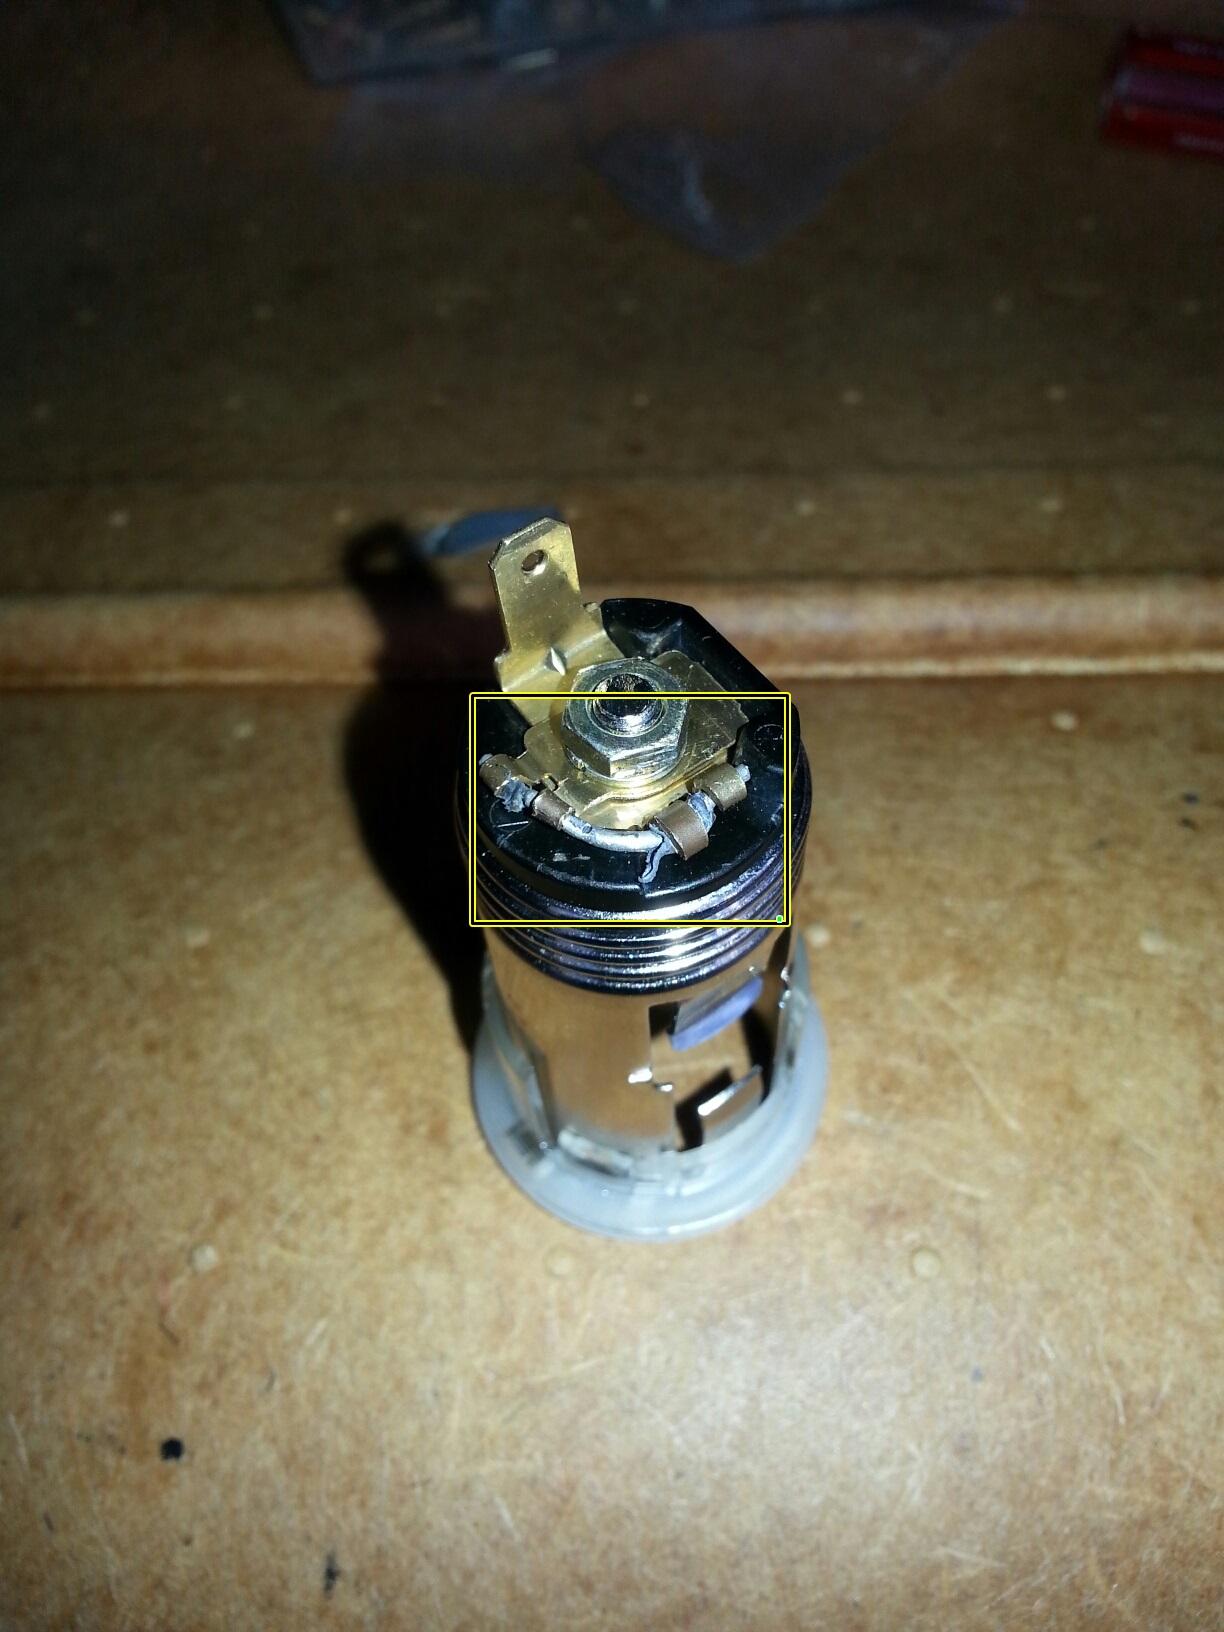 hight resolution of lexus lighter fail safe jpeg